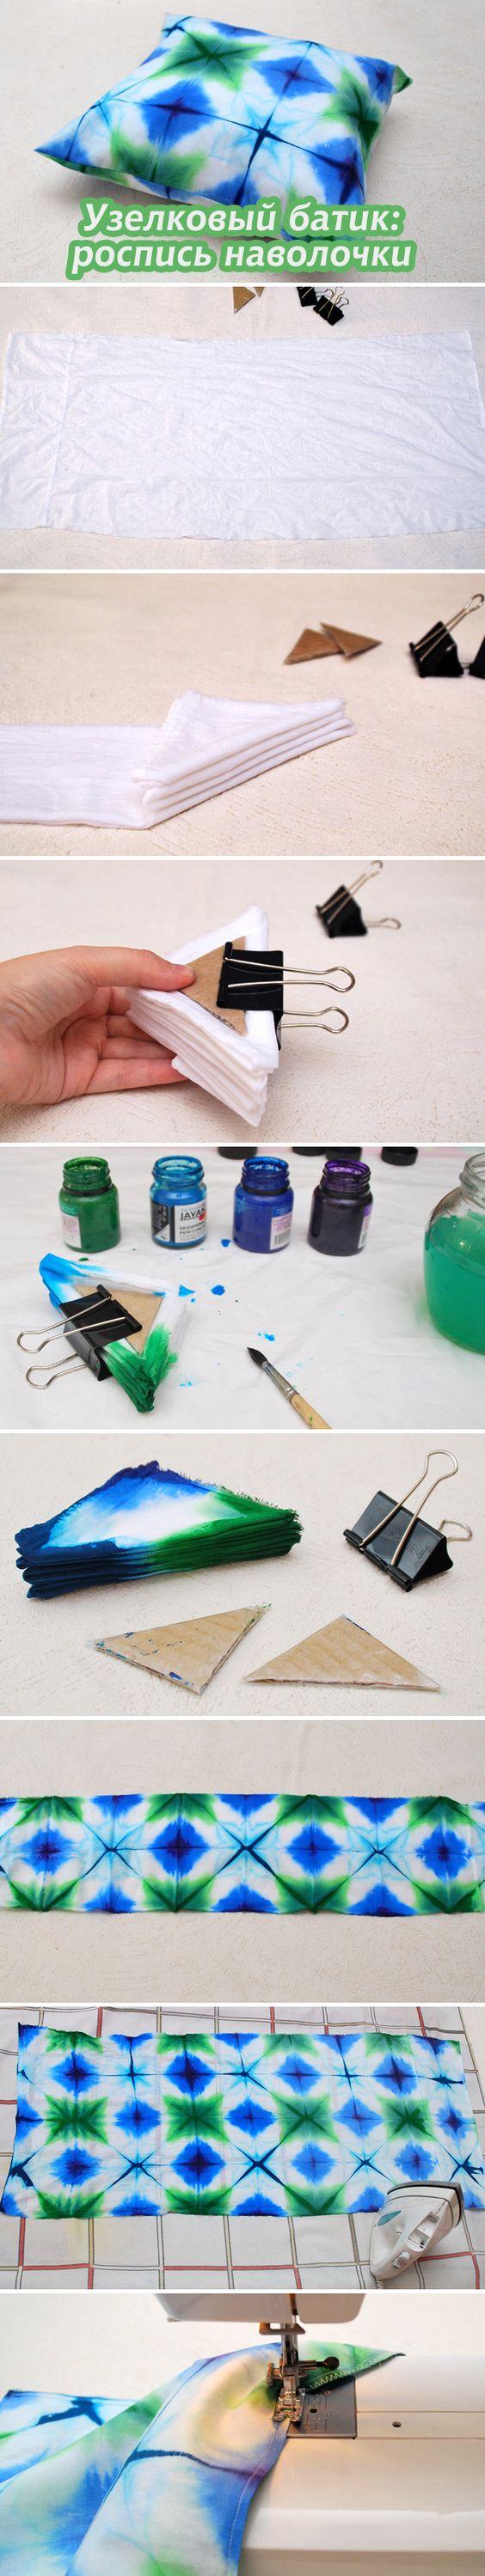 Dye techniques: